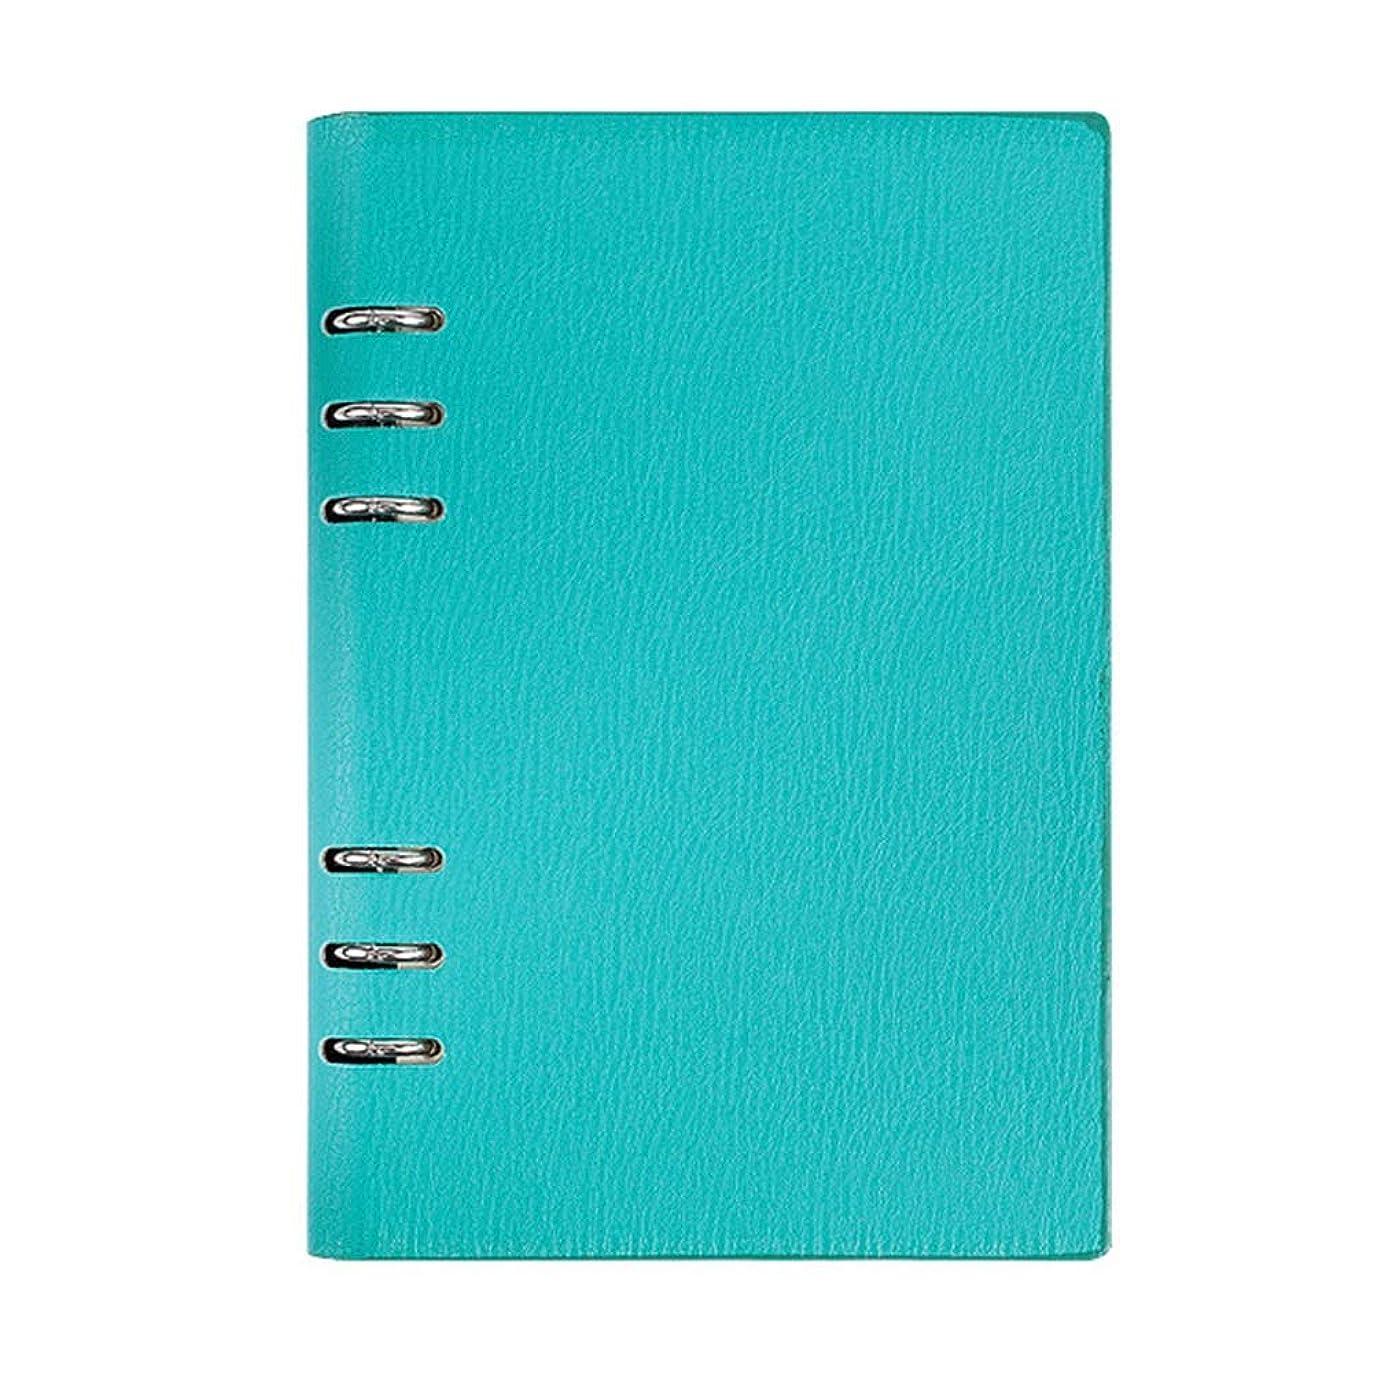 と遊ぶ枝スピンA5ノートブックビジネスルーズリーフジャーナルシンプルな厚手のメモ帳レザー会議記録帳 Blingstars (Color : Green)